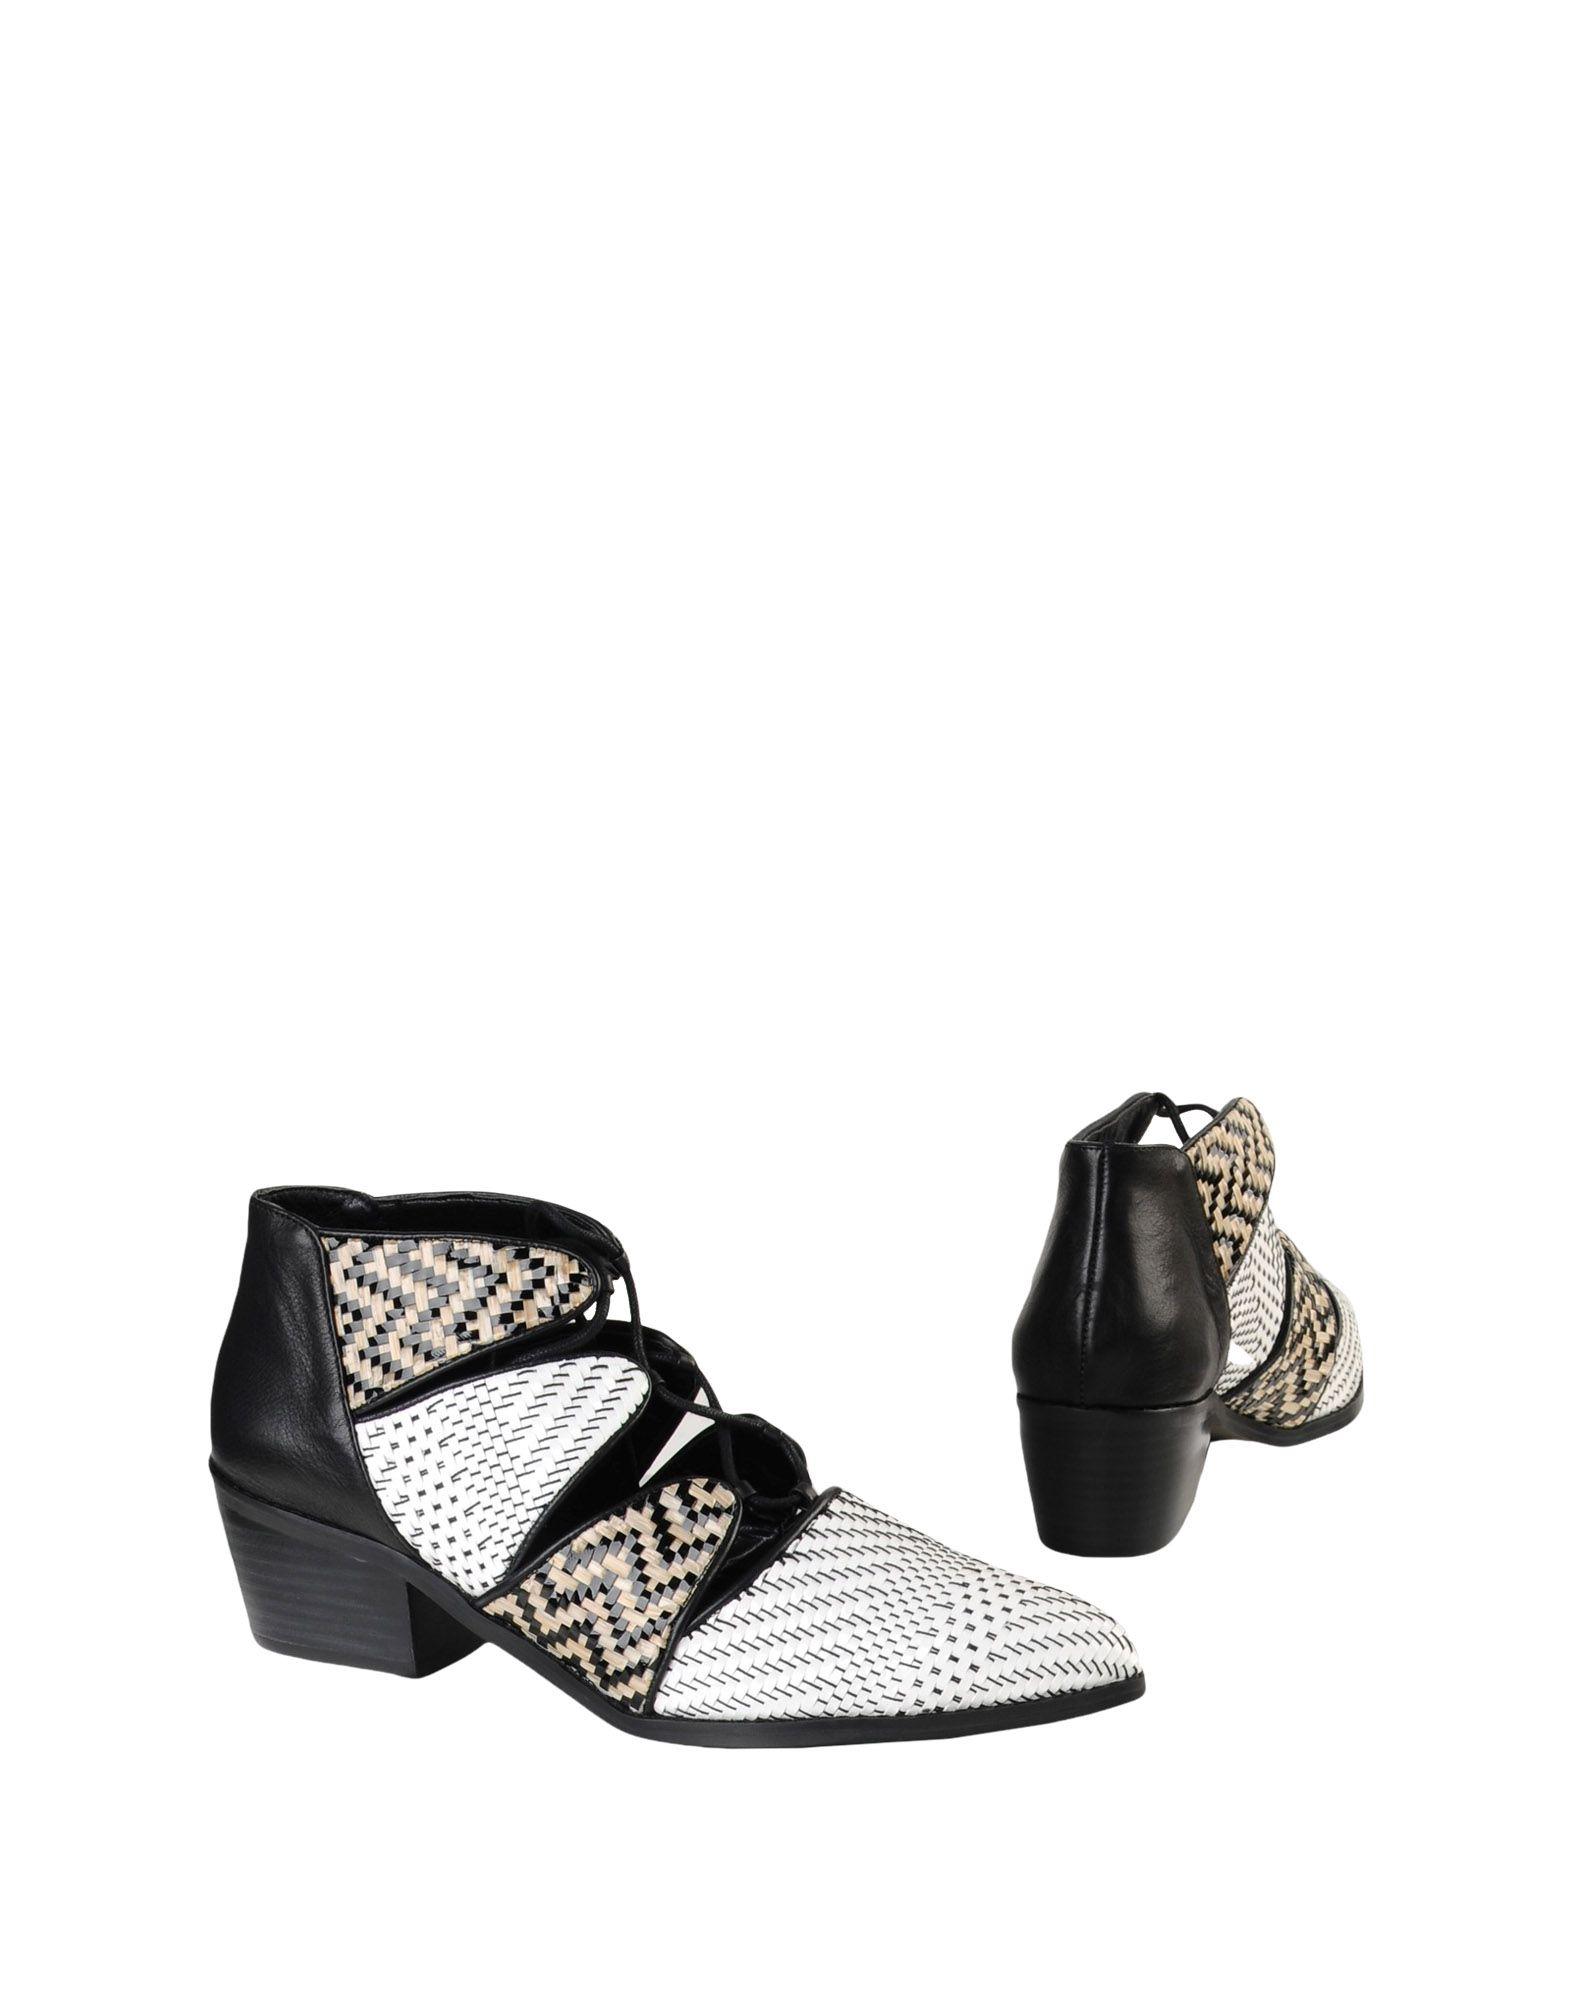 Bottine E8 By Miista Cyrene - Femme Miista - Bottines E8 By Miista Femme Blanc Chaussures femme pas cher homme et femme 6bda76